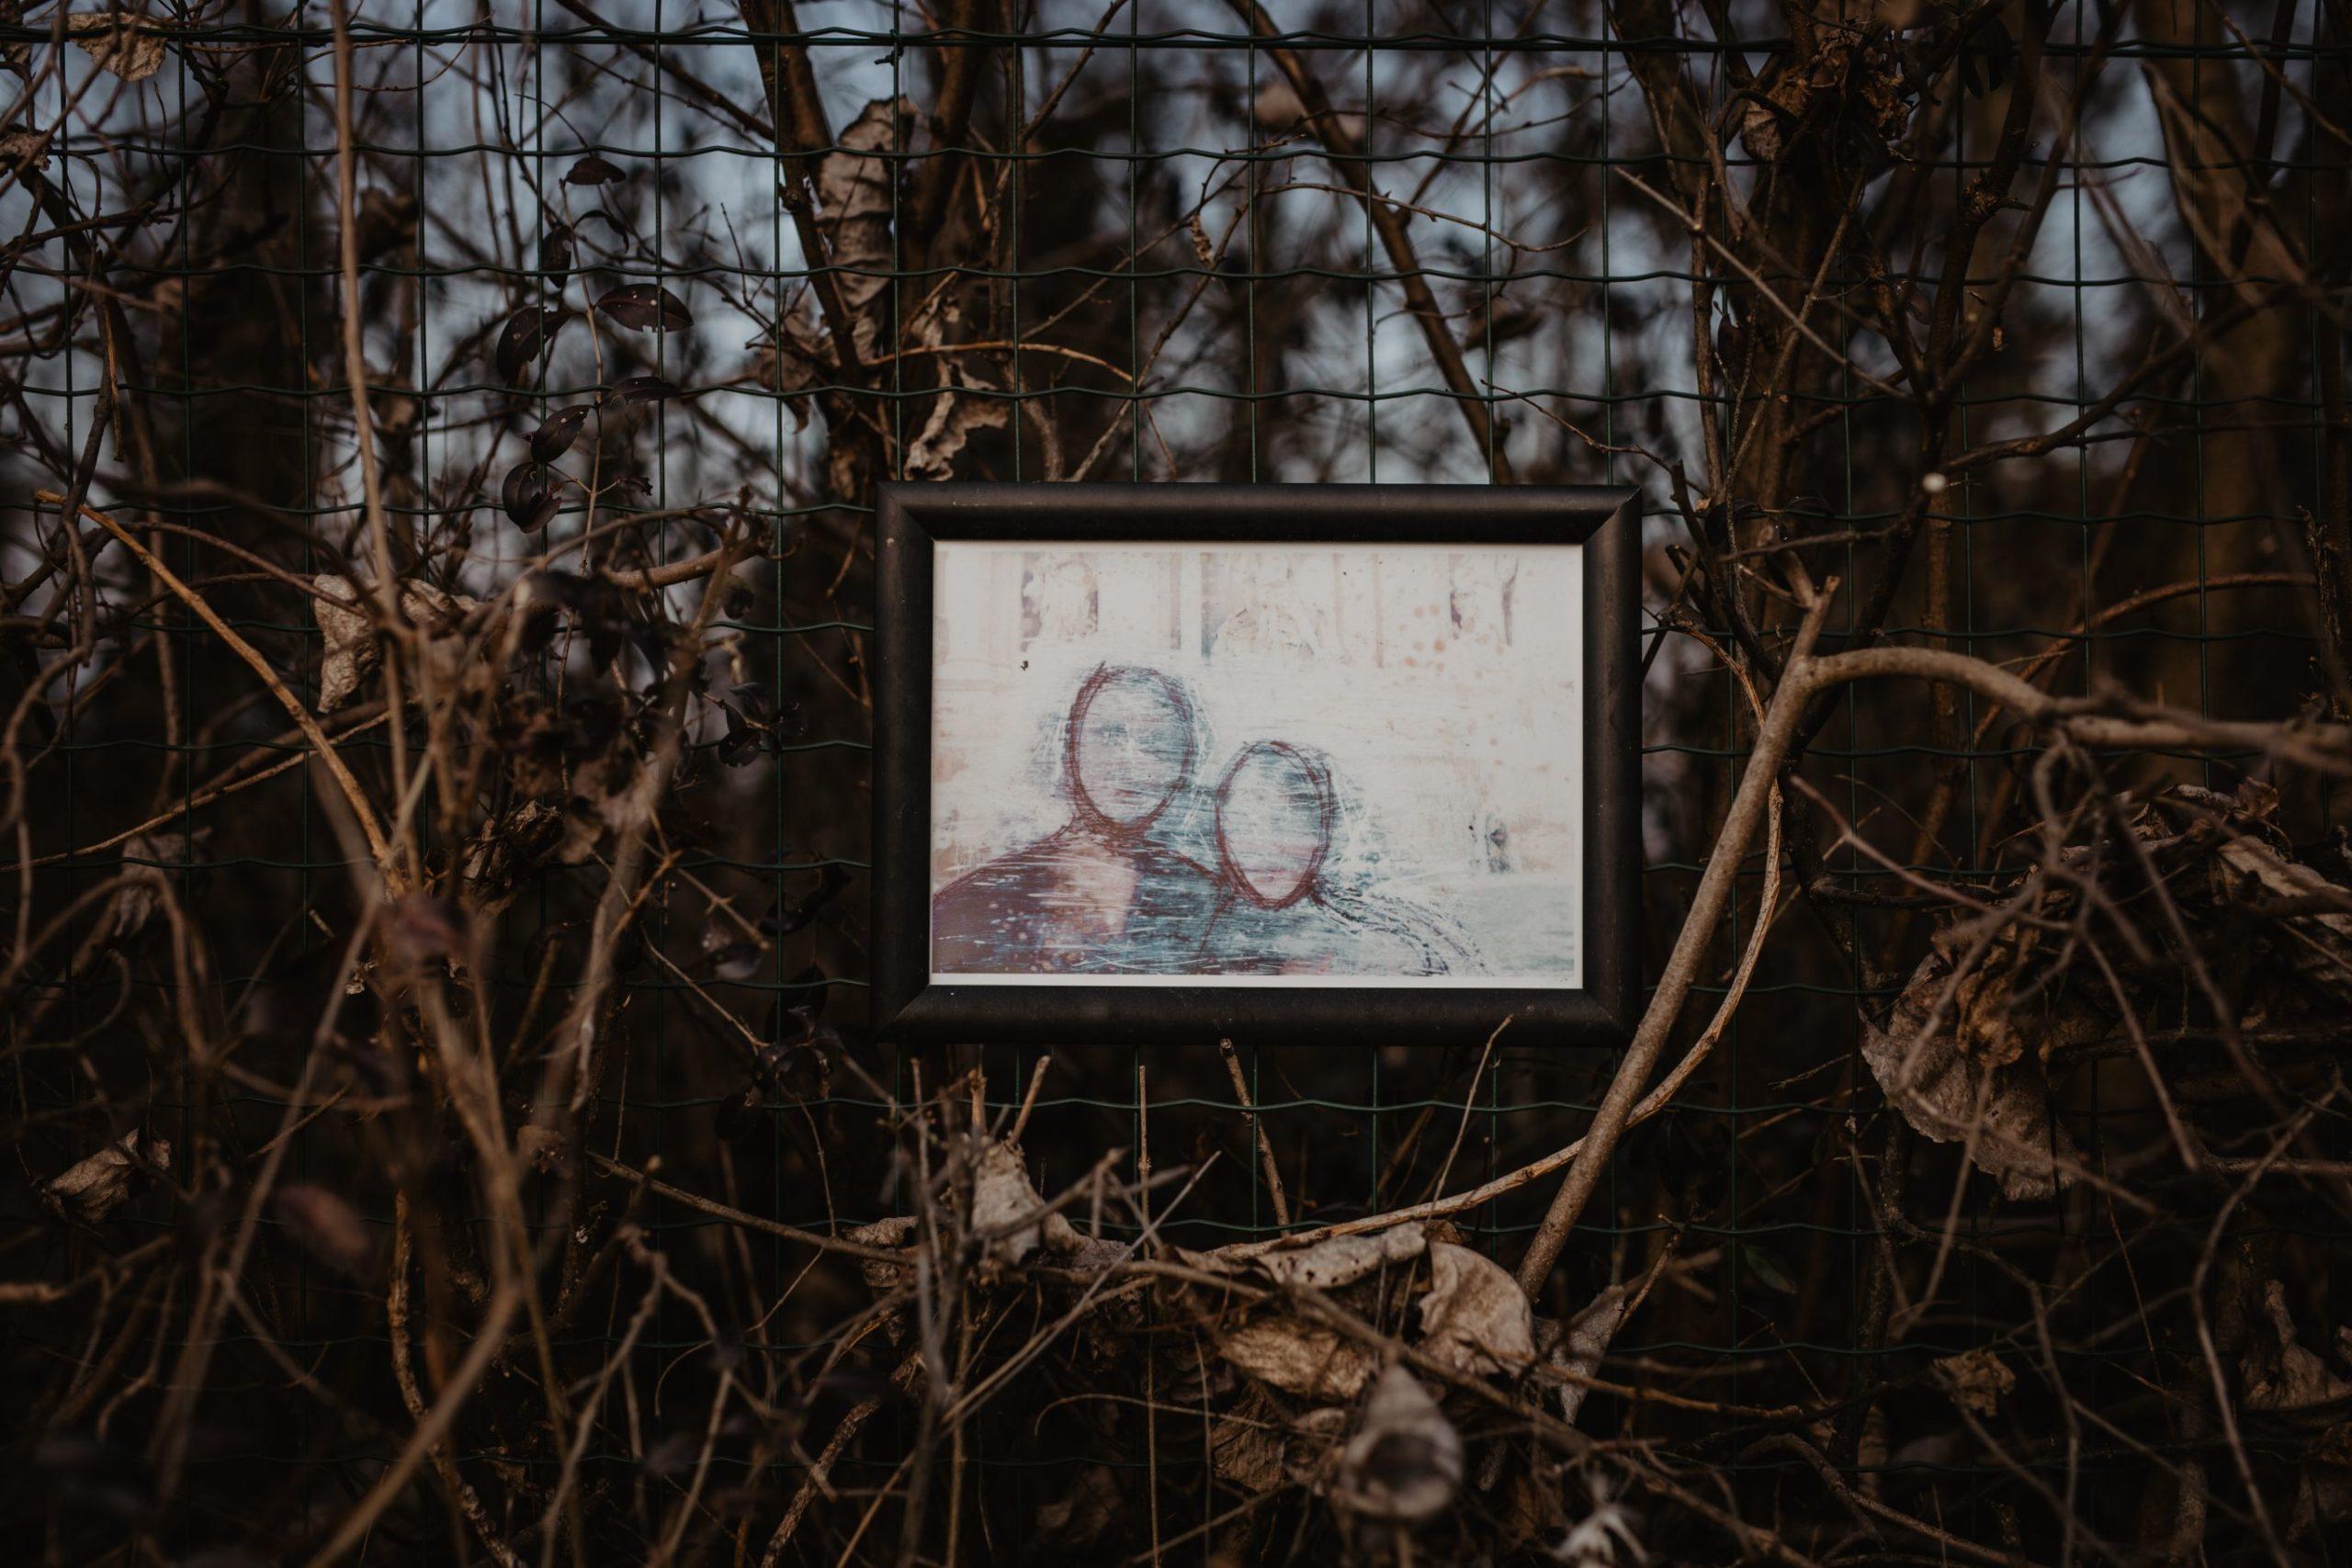 l-over | progetto artistico | fotografia | rhamely